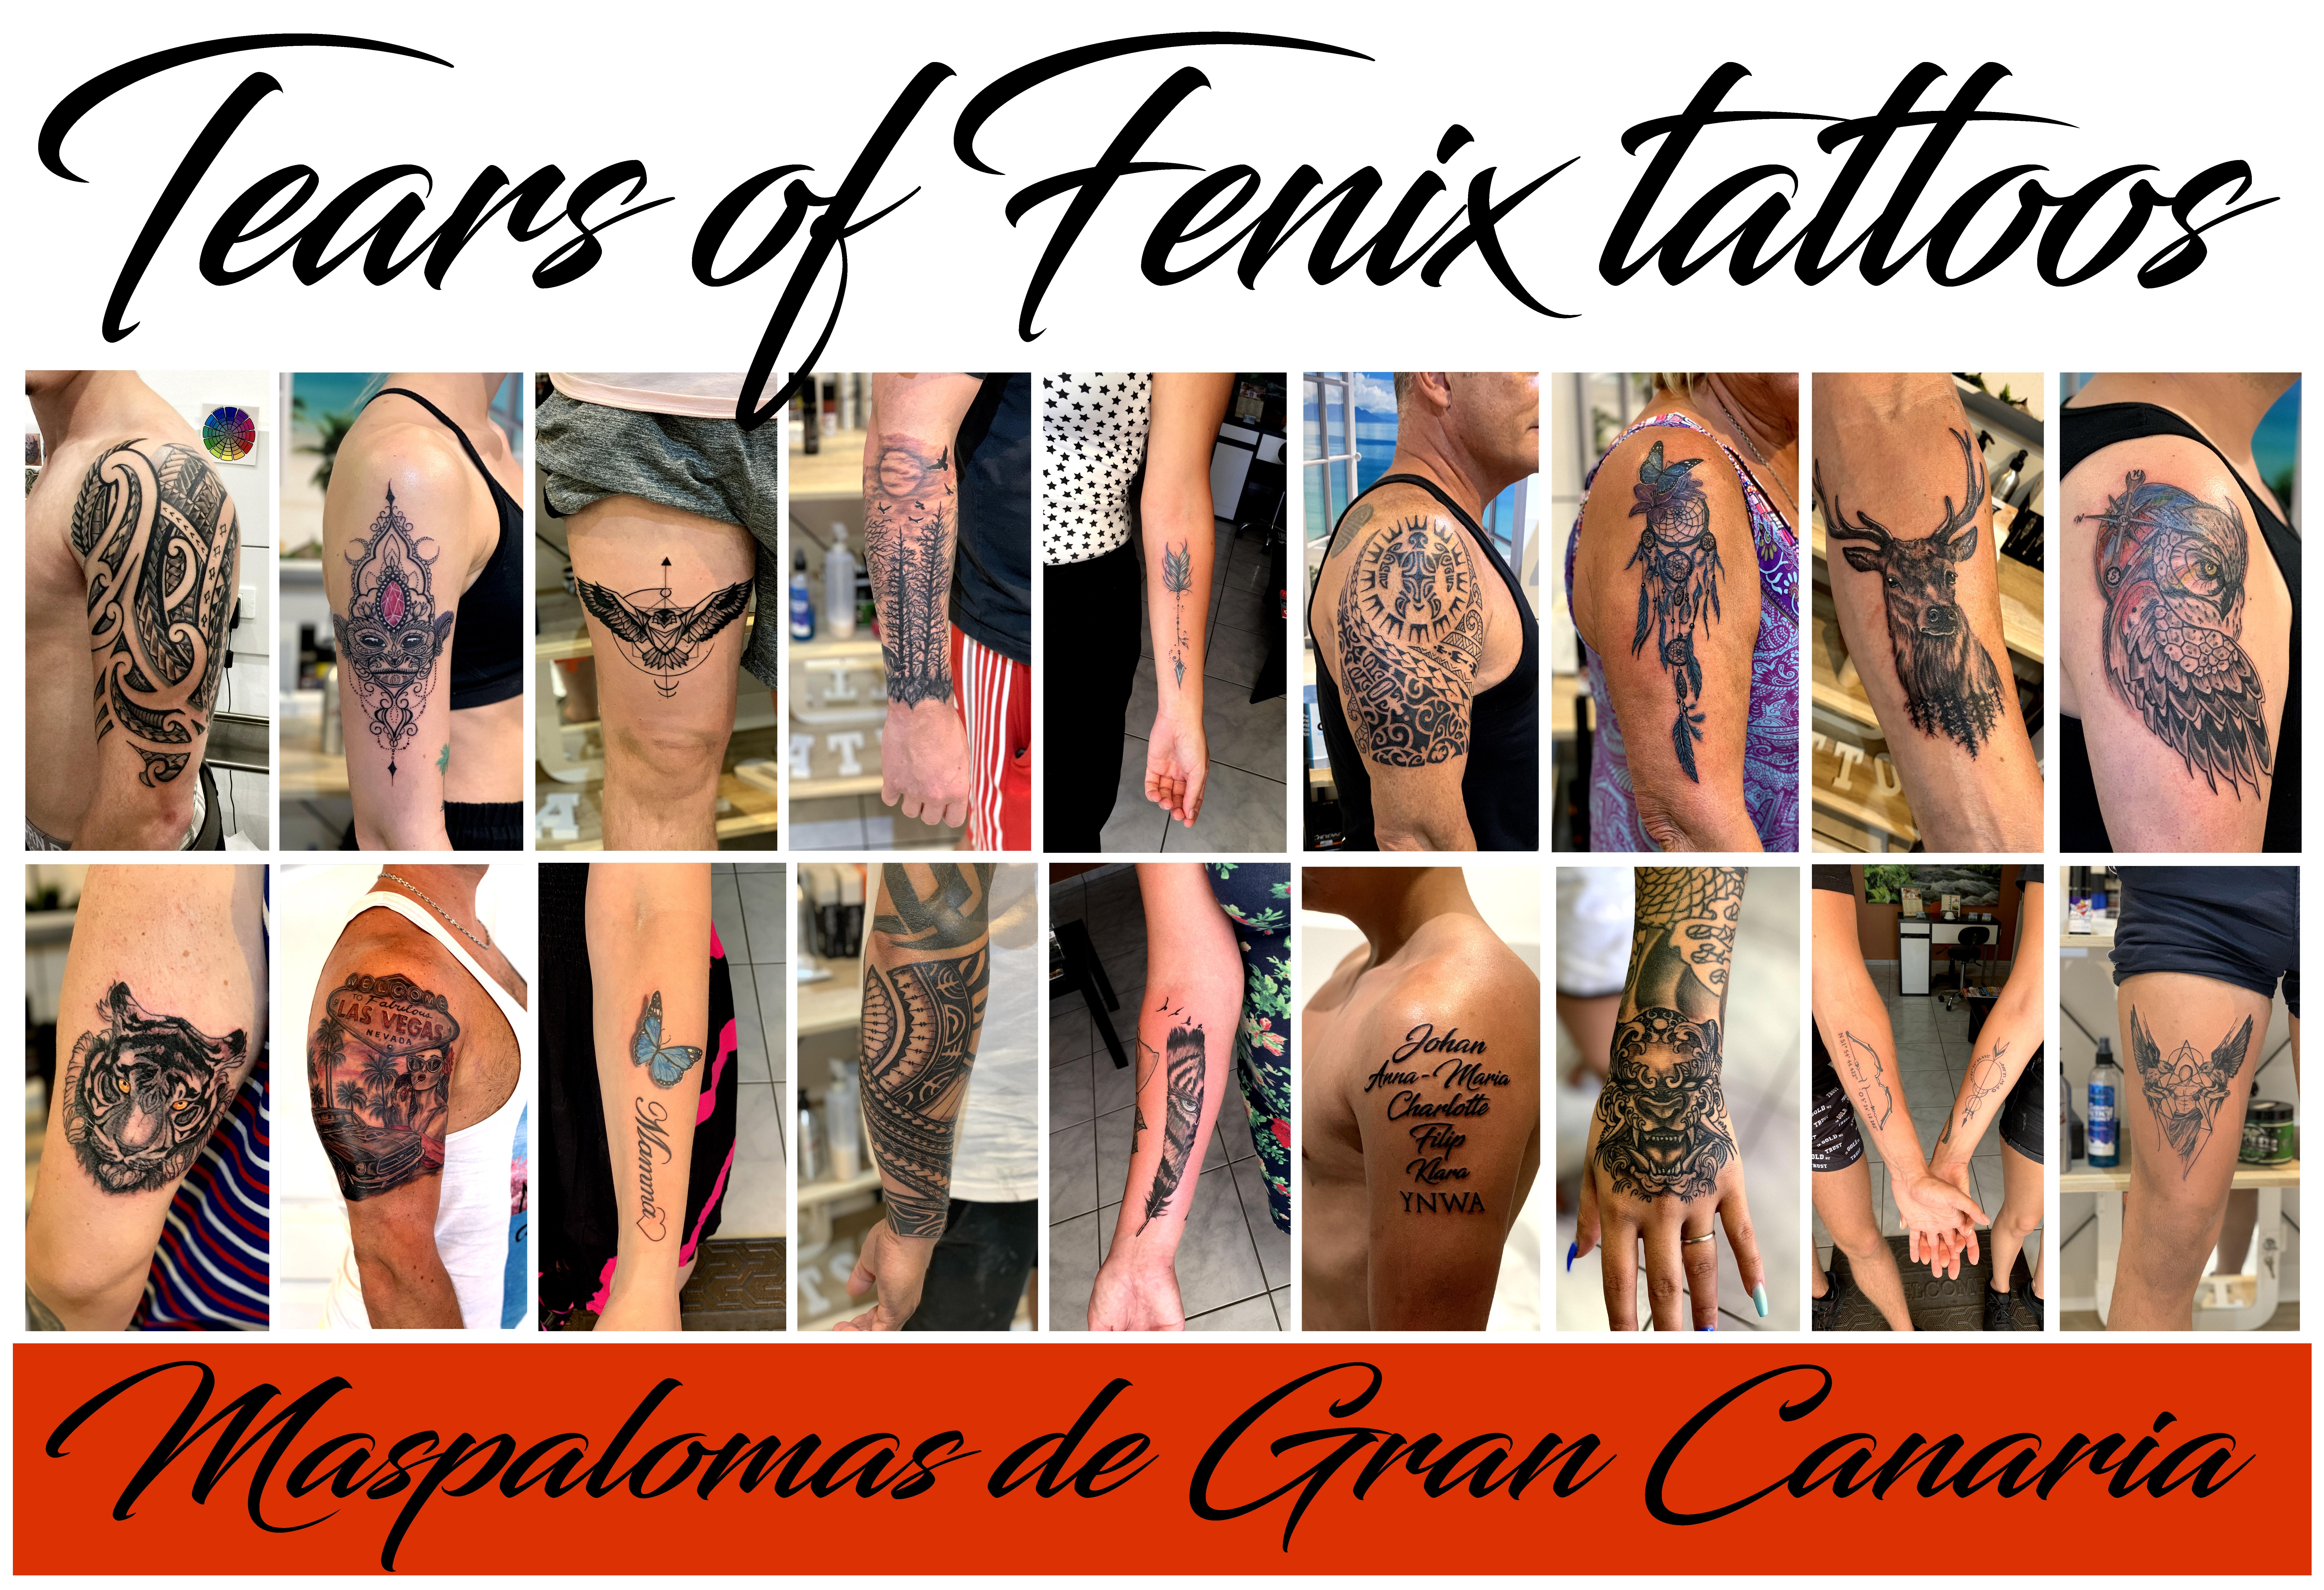 Tears of Fenix tattoo studio – Maspalomas